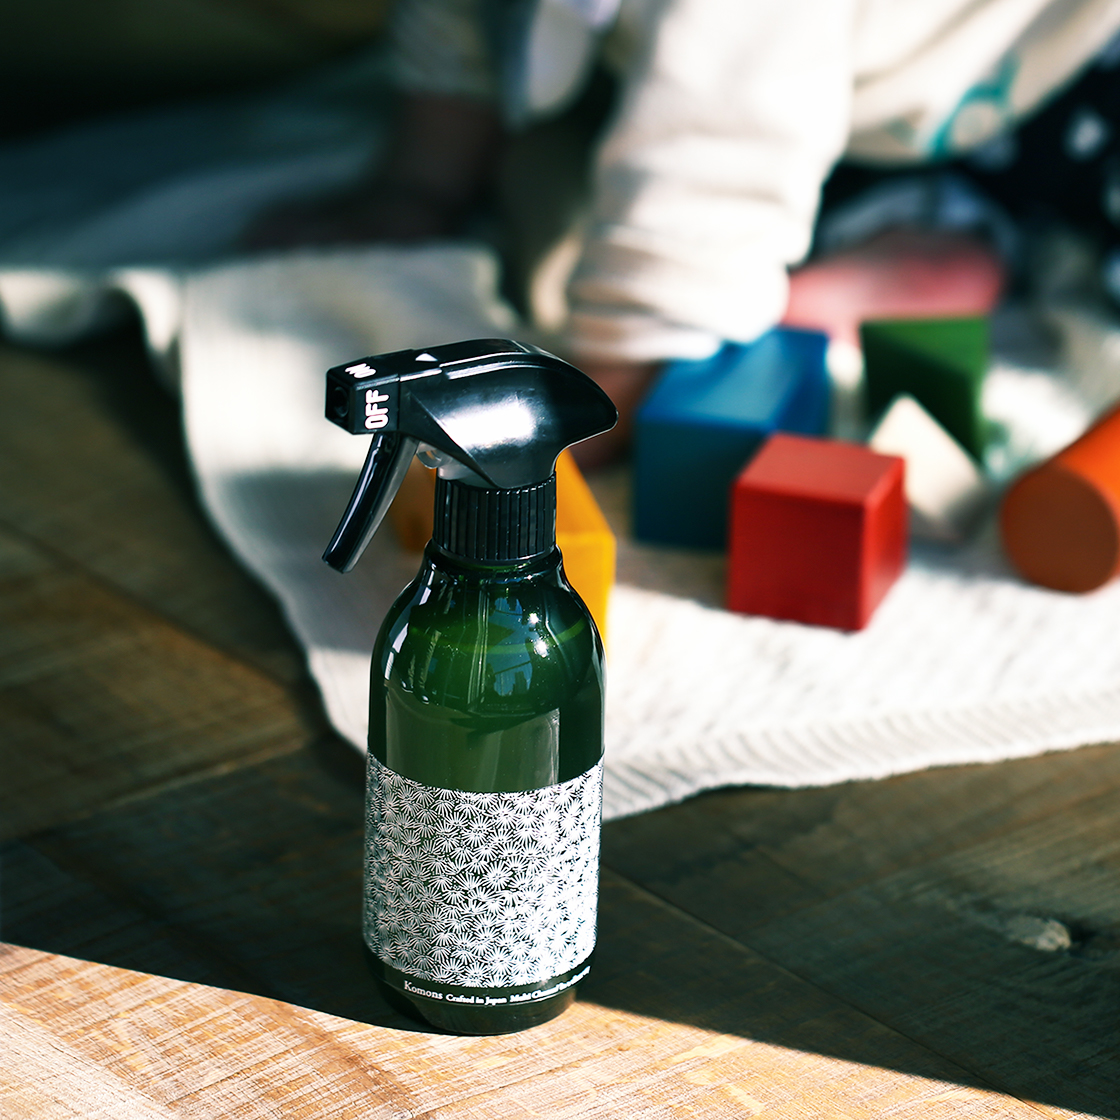 ベーシックカルテット/食器用洗剤&マルチクリーナー&ハンドソープ&ファブリックミスト[コモンズ] 6